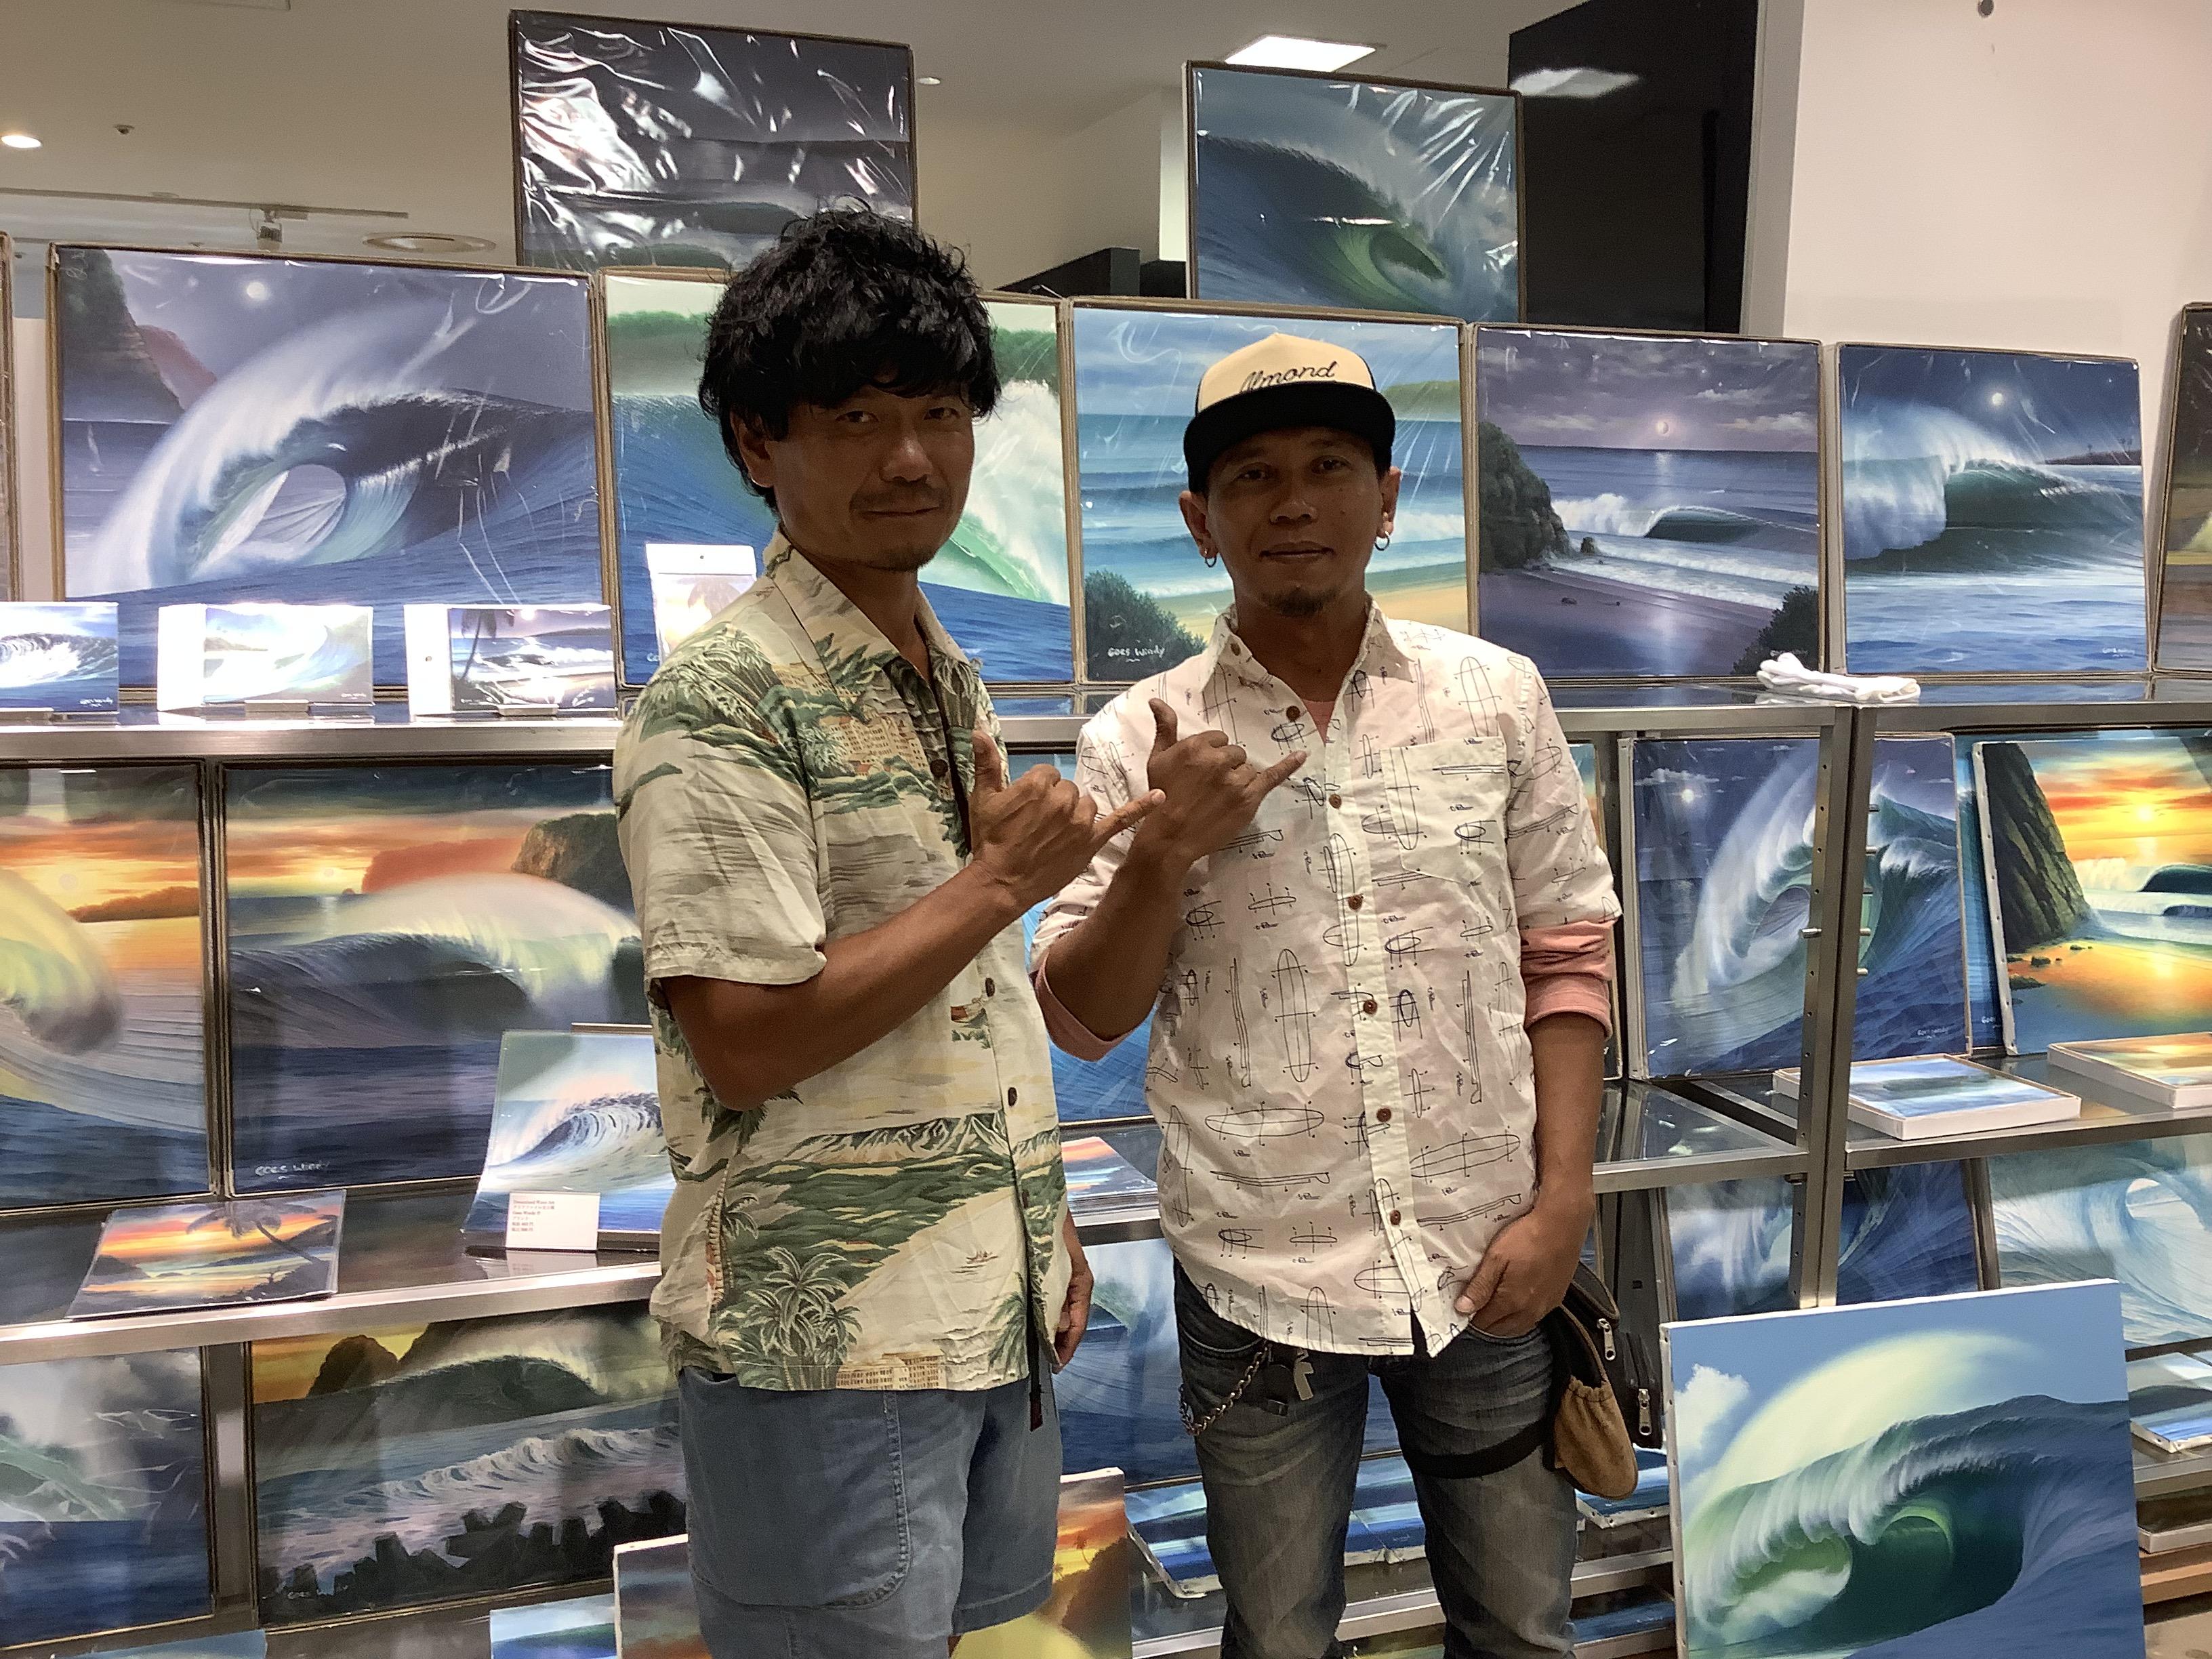 Almond Surfboards & Design 【アーモンド サーフ】様よりご提供頂きました。